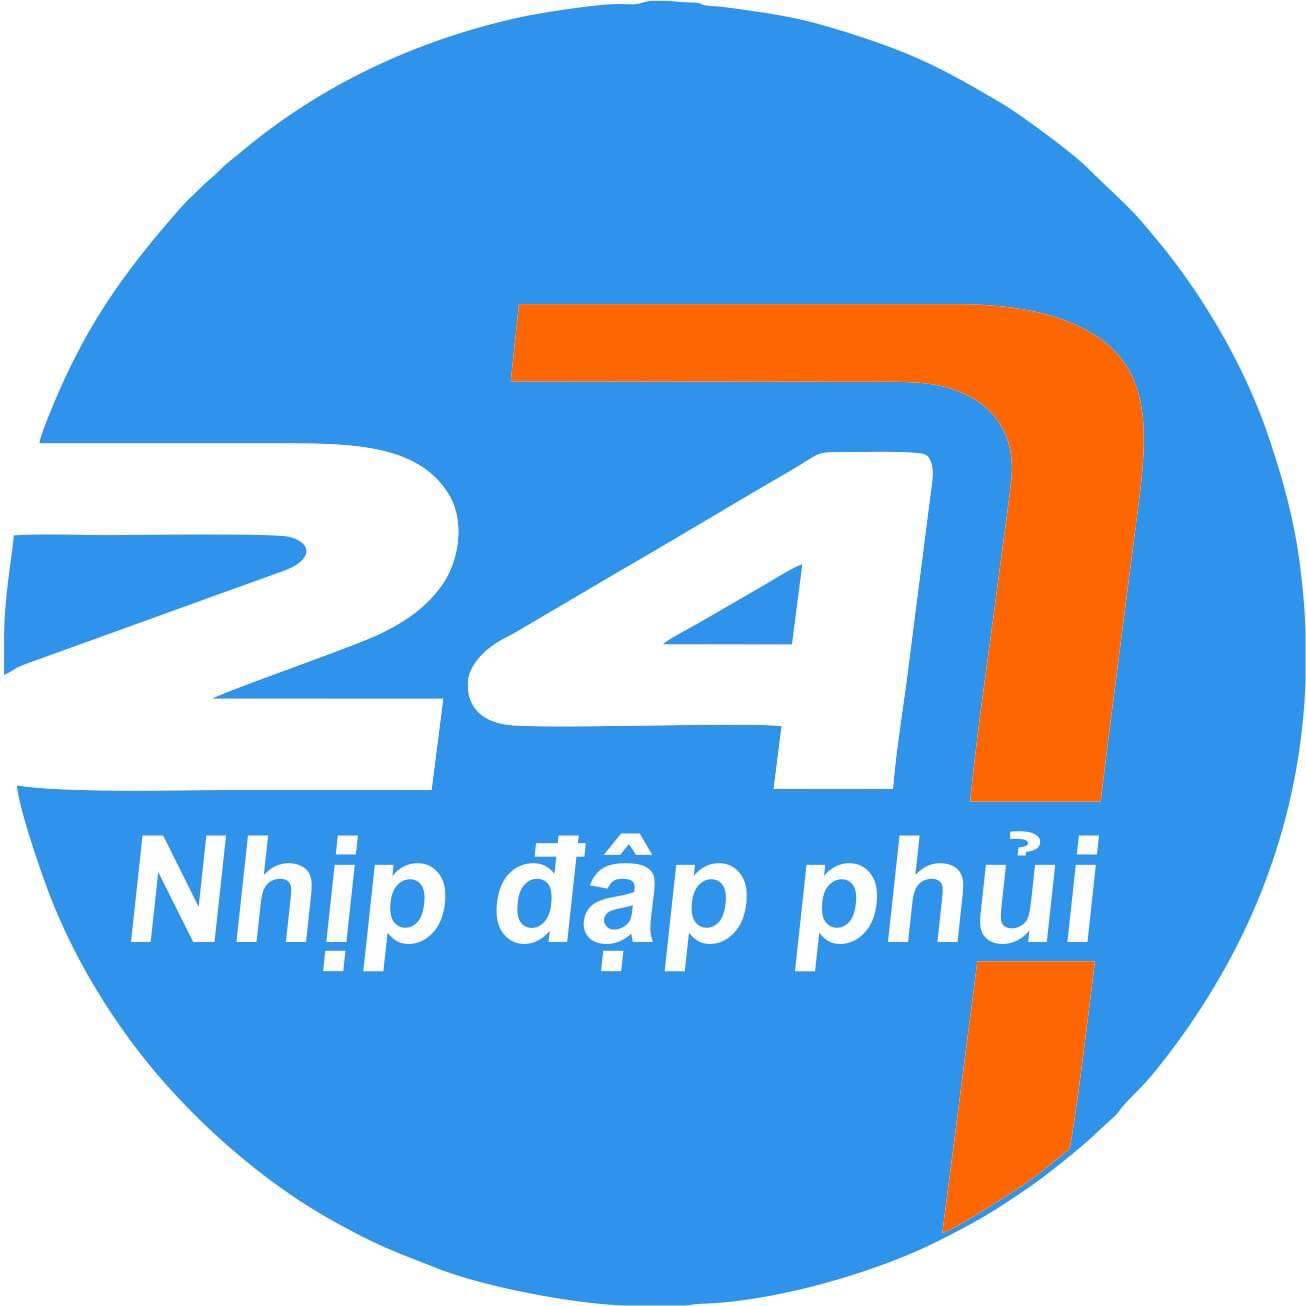 NHIP DAP PHUI